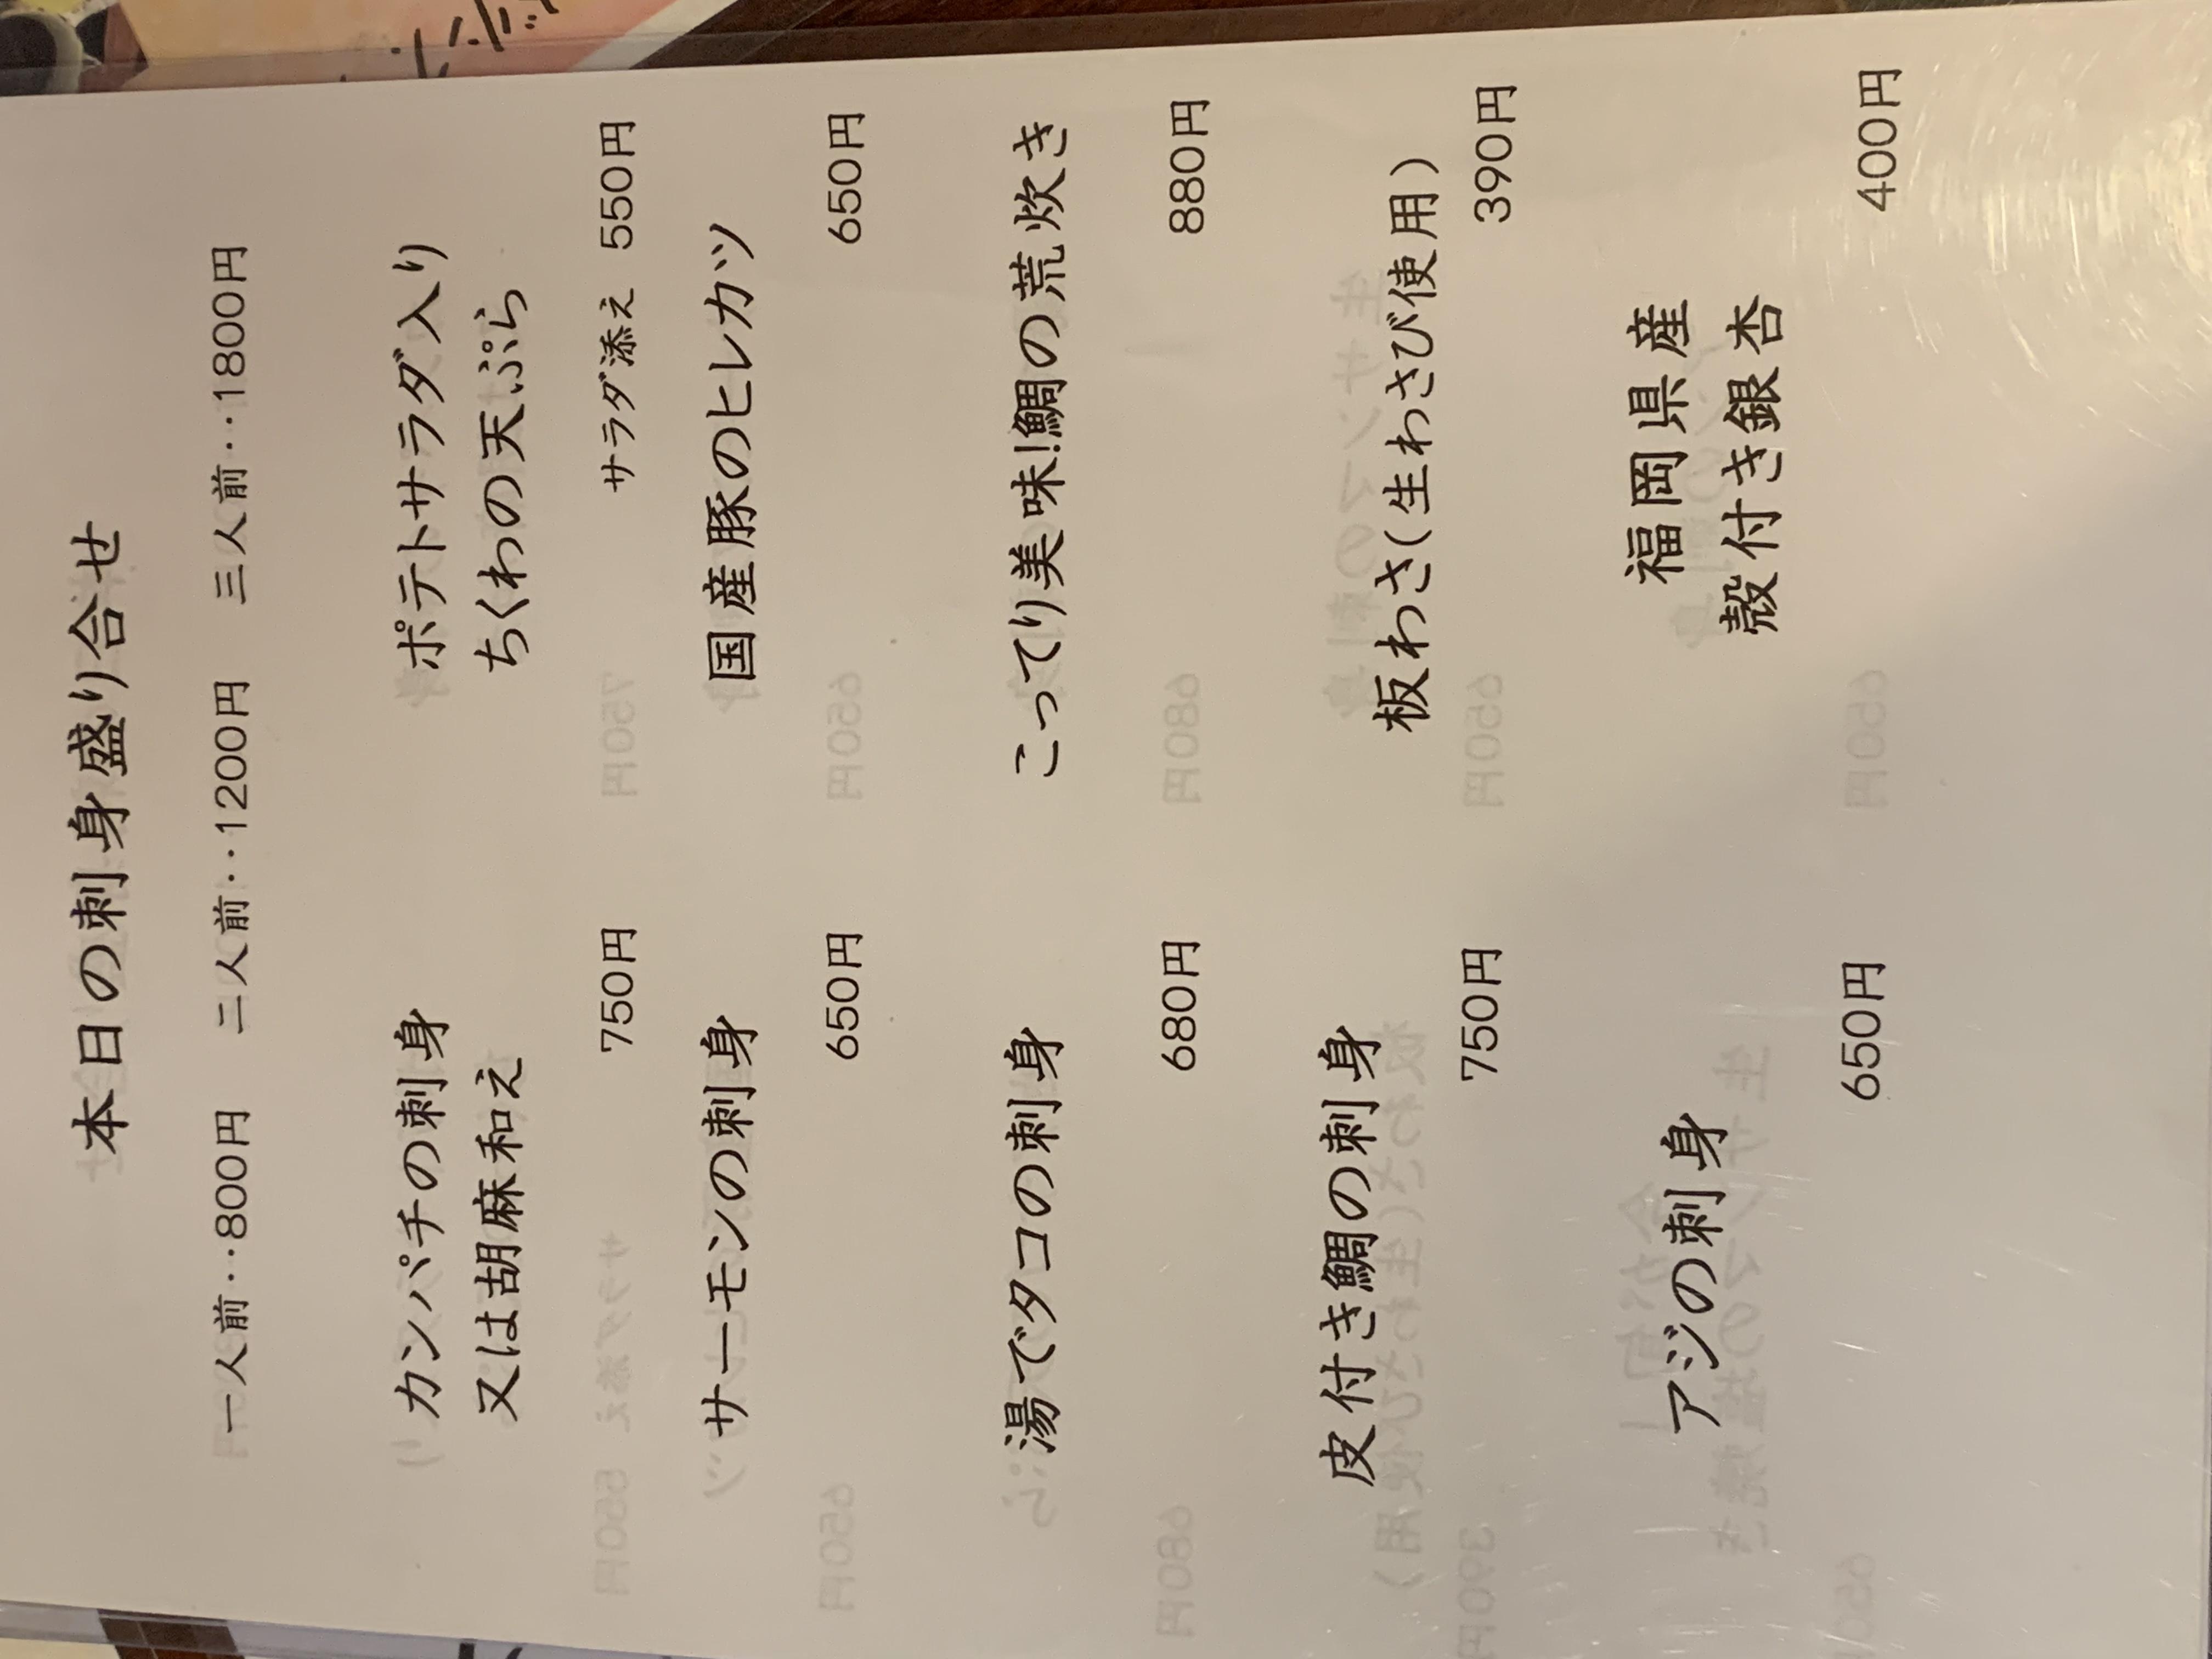 91B61FBD-B51C-4AA0-A9FB-D6B6AA09F869